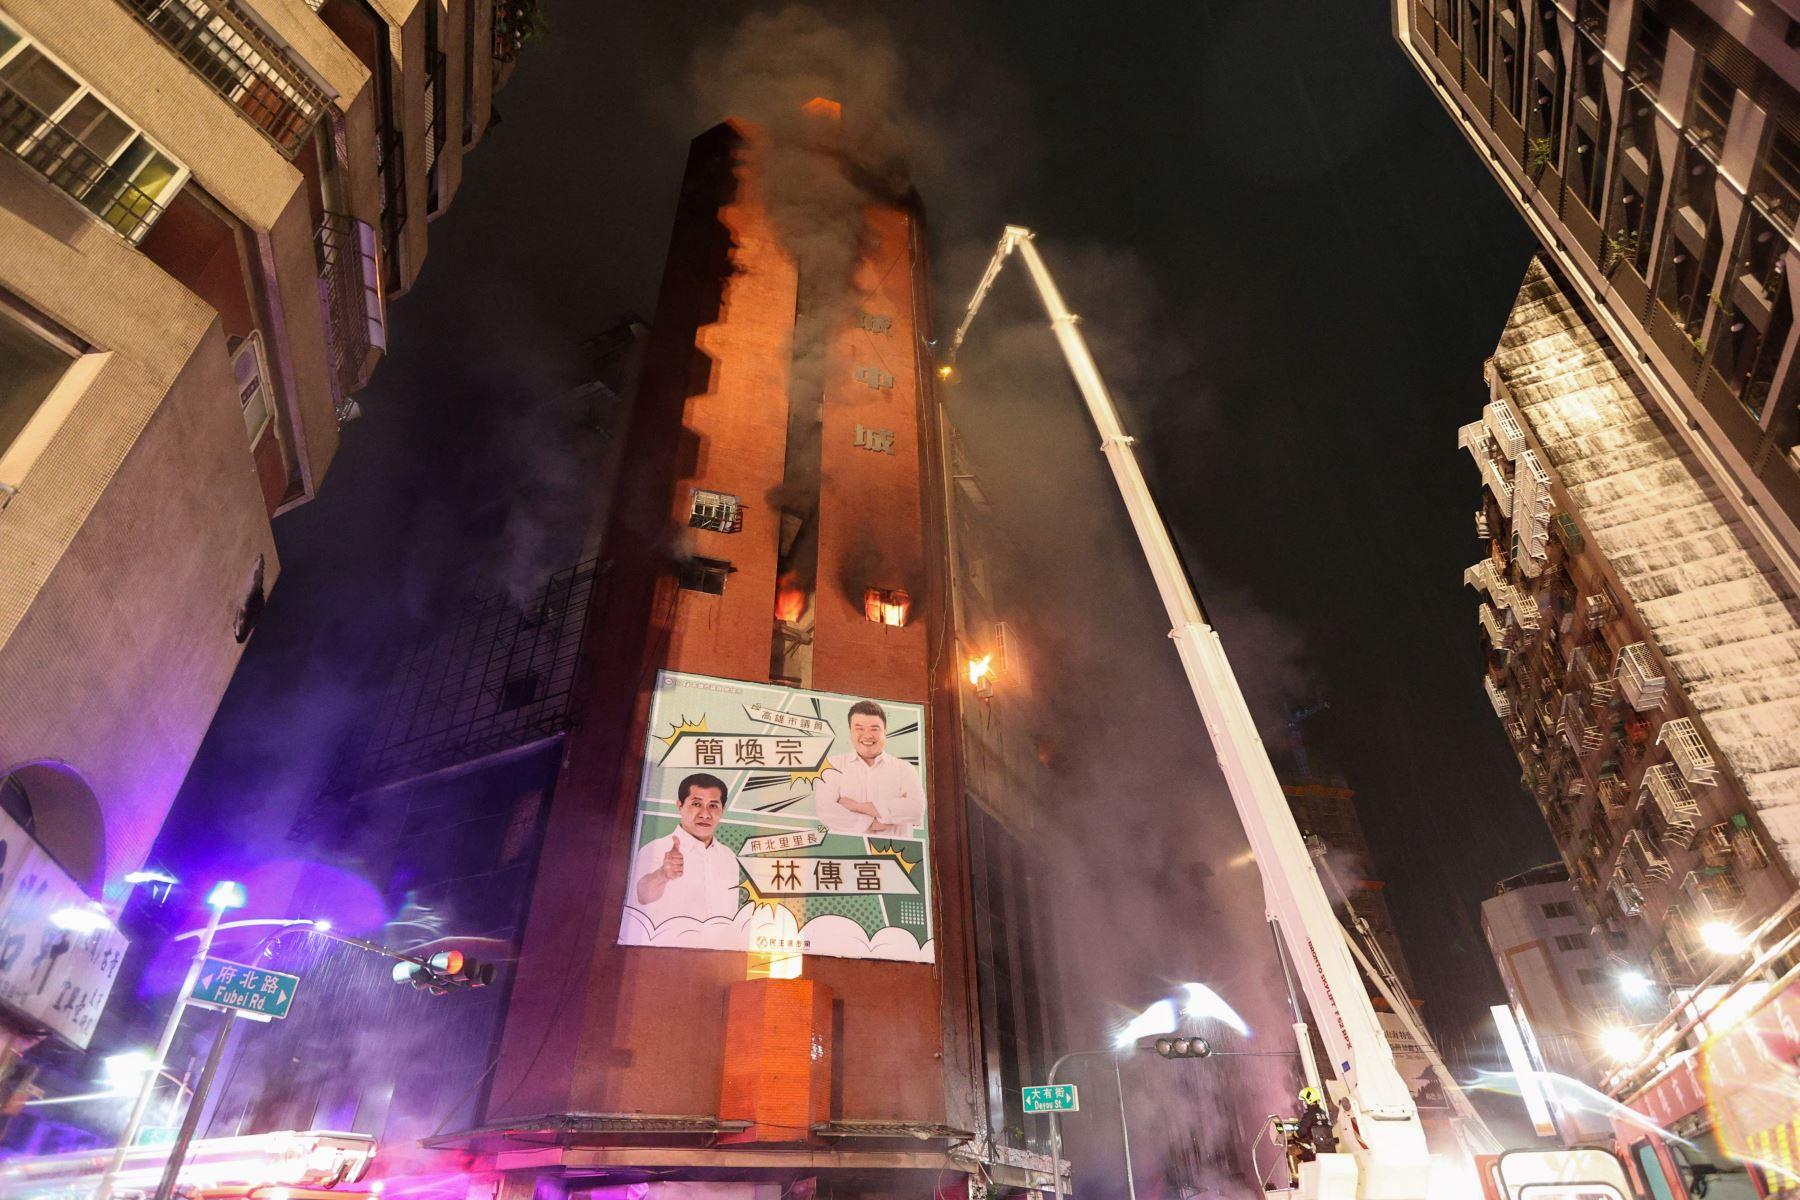 El humo de un incendio se eleva desde un edificio en la ciudad de Kaohsiung, en el sur de Taiwán, matando al menos a 46 personas e hiriendo a decenas más. Foto: AFP